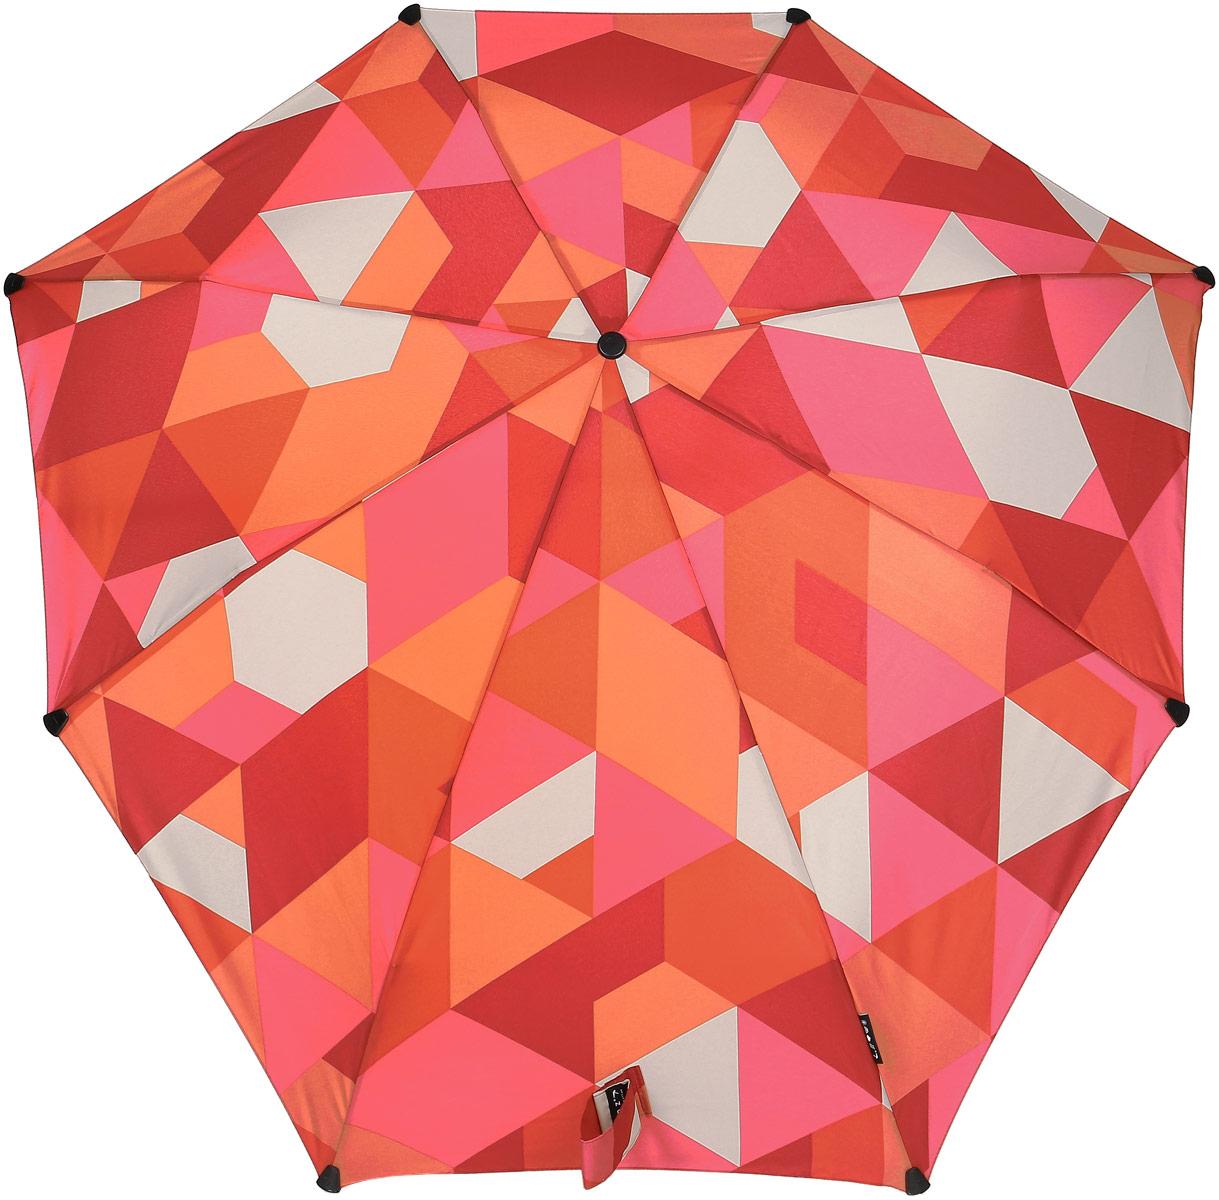 Зонт Senz, цвет: бордовый. 1021056Колье (короткие одноярусные бусы)Инновационный противоштормовый зонт, выдерживающий любую непогоду. Входит в коллекцию urban breeze, разработанную в соответствии с современными течениями fashion-индустрии. Зонт Senz отлично дополнит образ, подчеркнет индивидуальность и вкус своего обладателя. Легкий, компактный и прочный он открывается и закрывается нажатием на кнопку. Закрывает спину от дождя, а благодаря своей усовершенствованной конструкции, зонт не выворачивается наизнанку даже при сильном ветре. Модель Senz automatic выдержала испытания в аэротрубе со скоростью ветра 80 км/ч. - тип — автомат- три сложения- выдерживает порывы ветра до 80 км/ч- УФ-защита 50+- эргономичная ручка- безопасные колпачки на кончиках спиц- в комплекте плотный чехол- гарантия 2 года